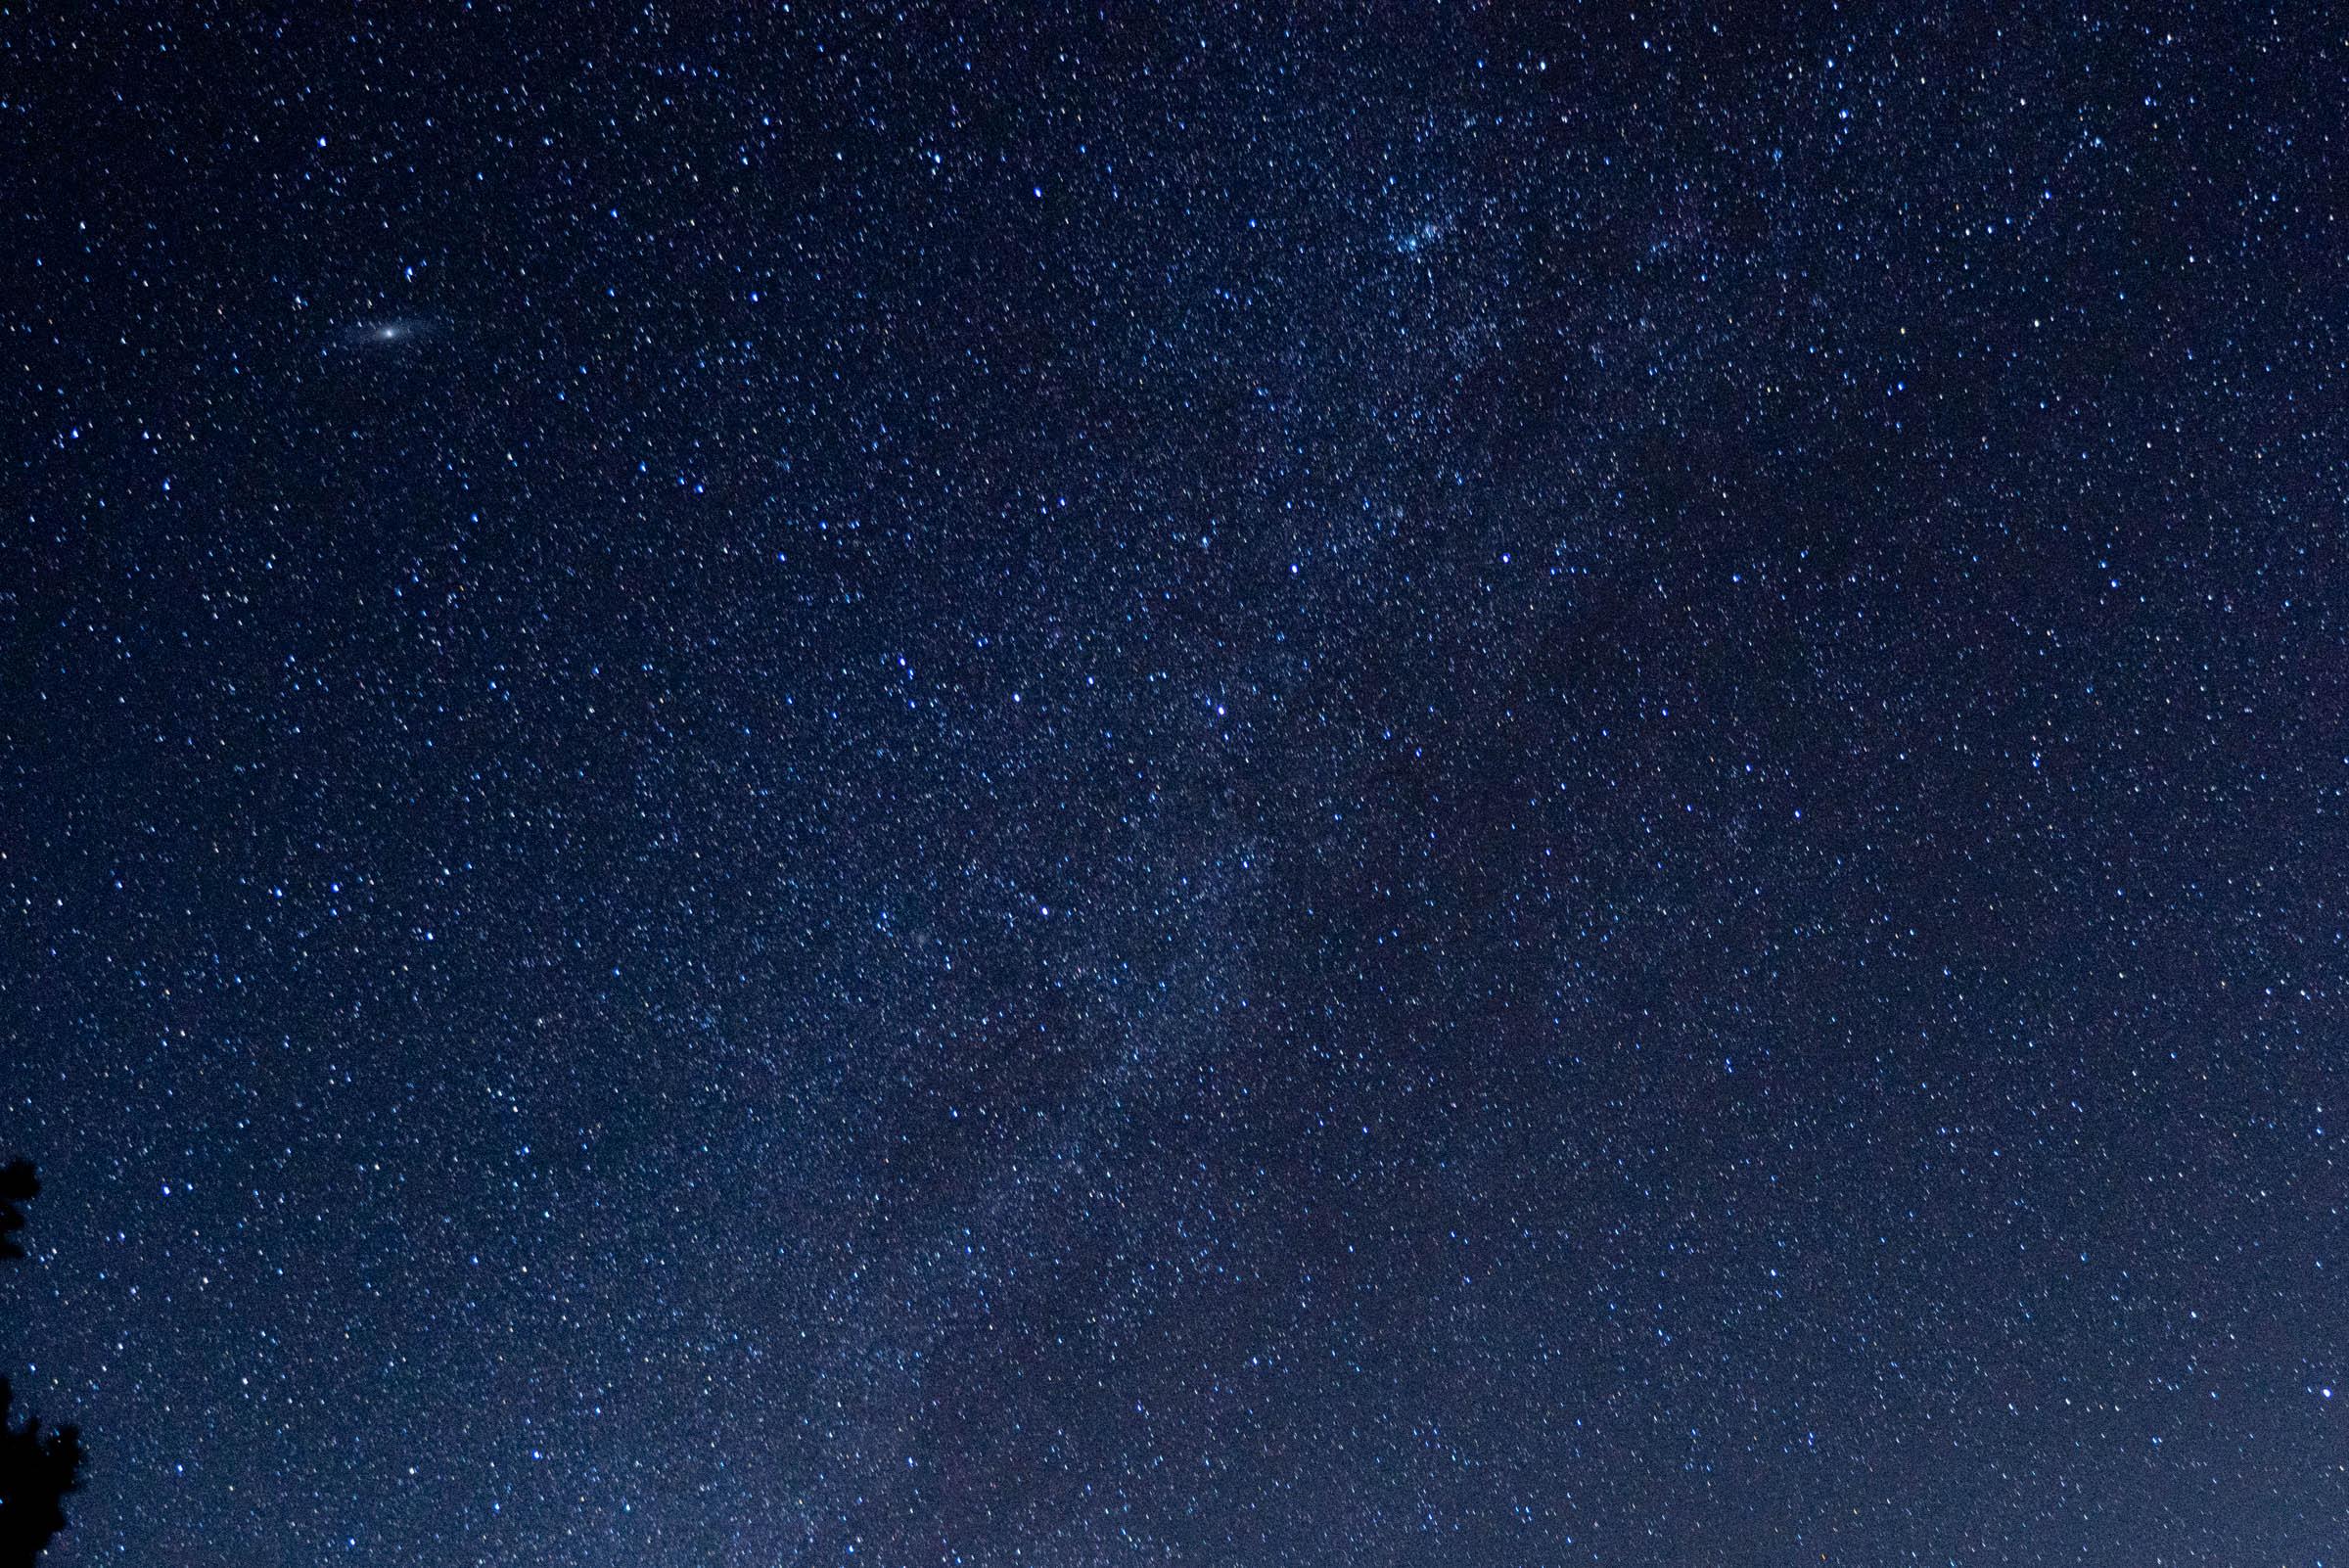 ではこの60年間で、織姫と彦星はどれくらいの頻度で会えているのか / 7月7日に最も晴れる確率の高い場所は